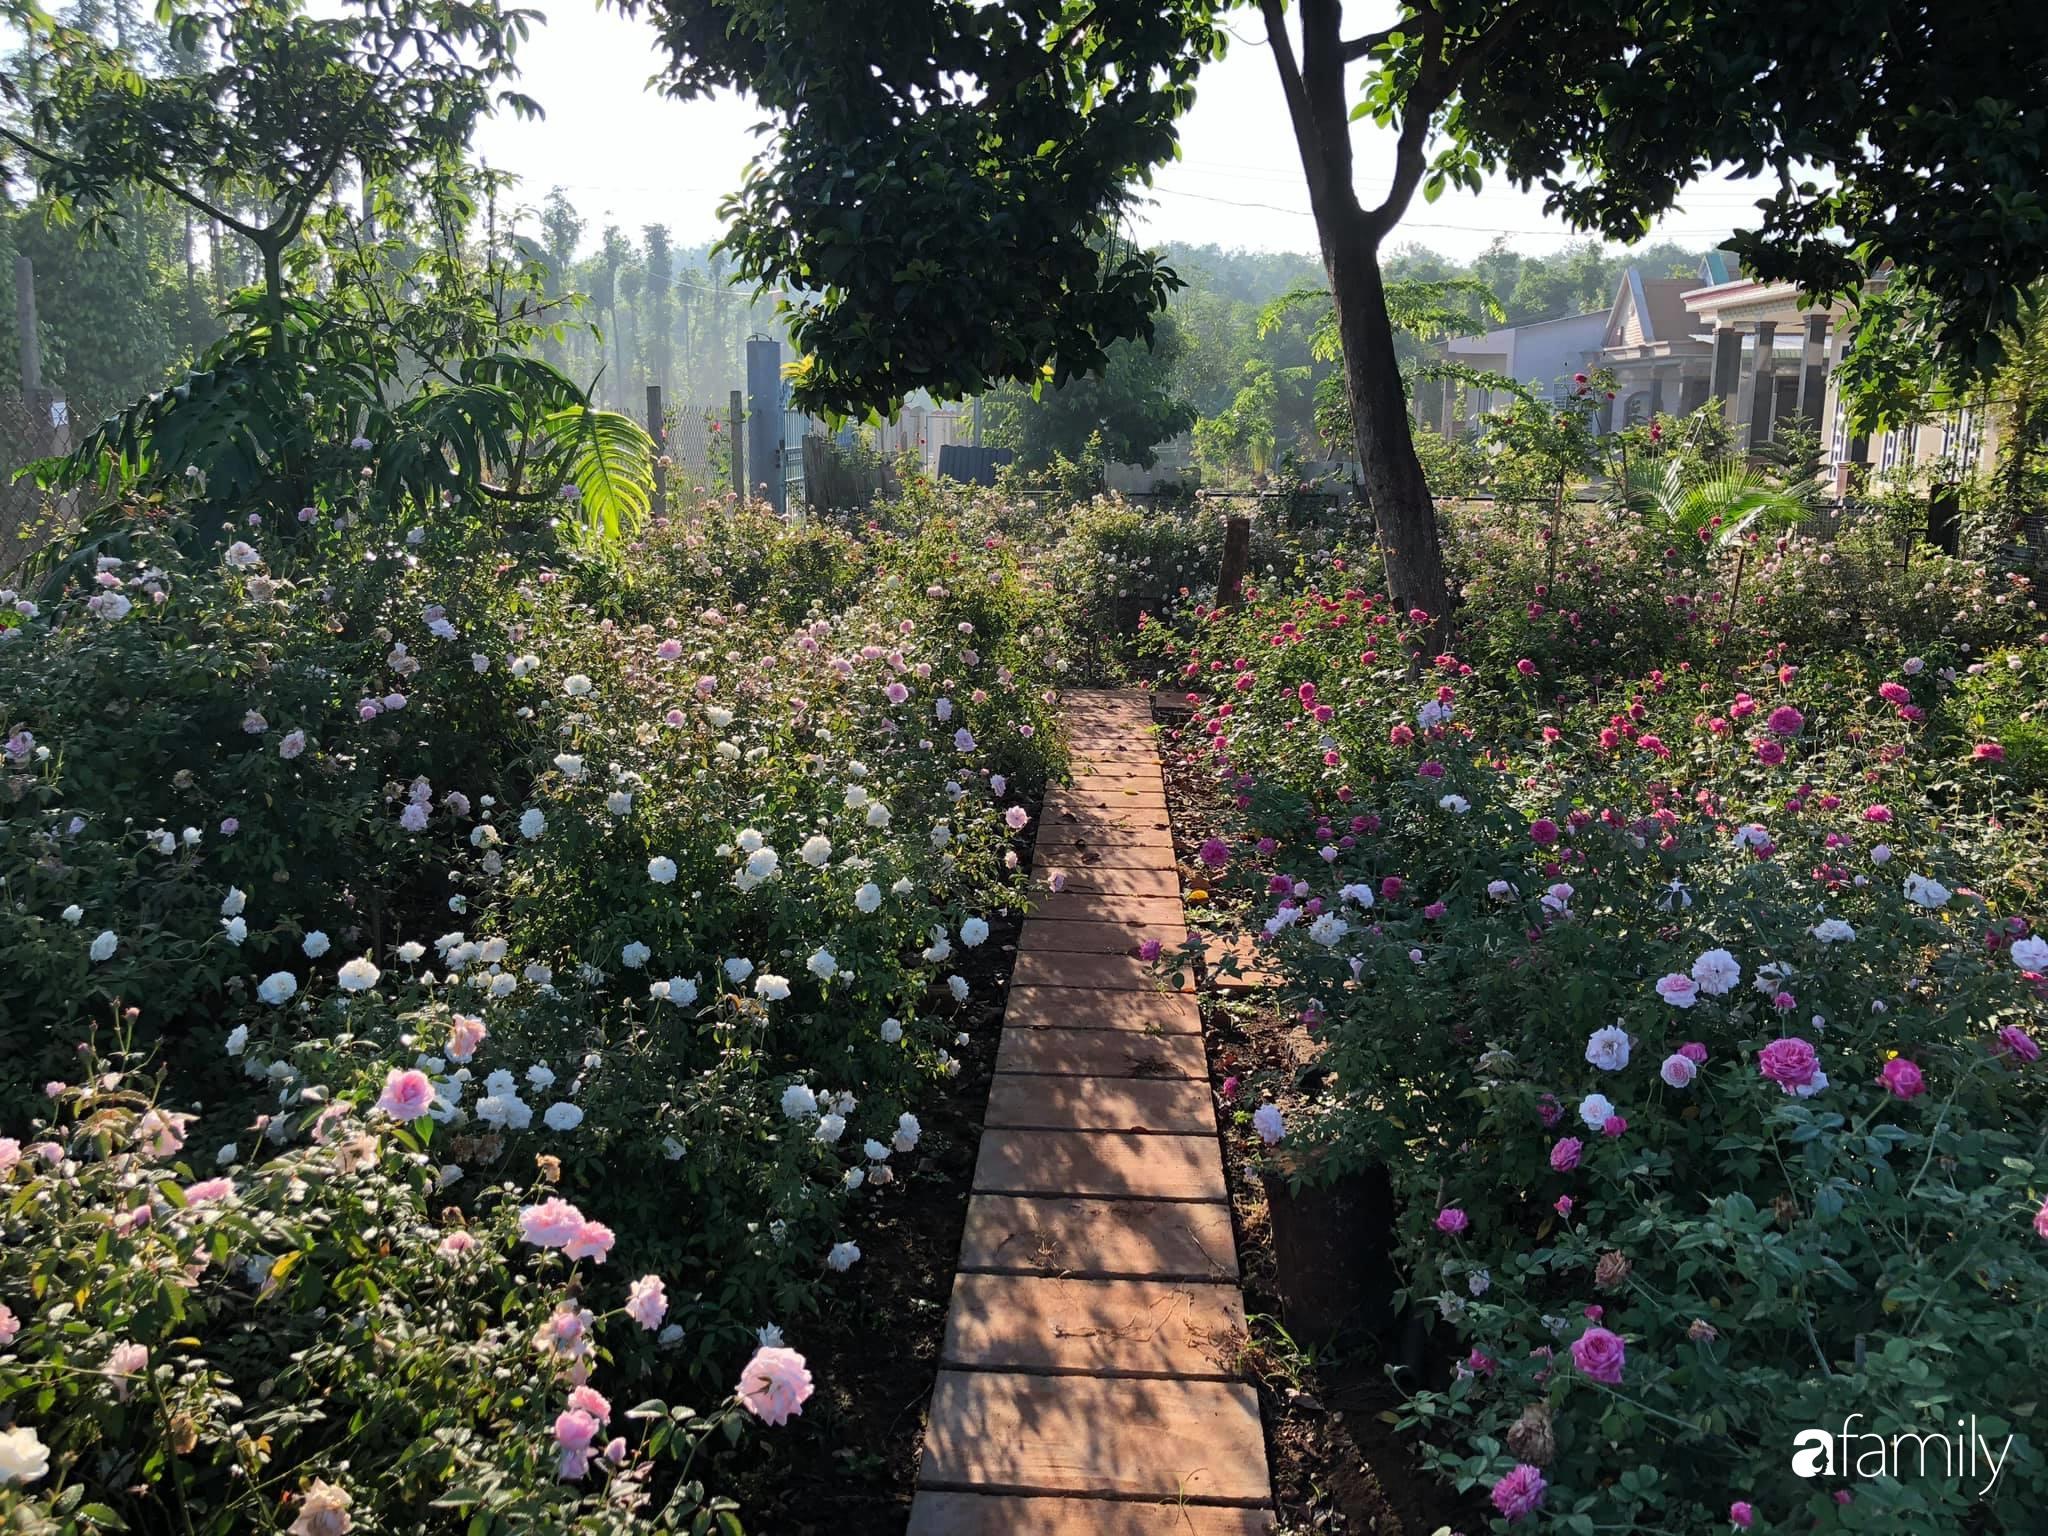 Khu vườn hoa hồng đẹp như cổ tích mà người chồng ngày đêm chăm sóc để tặng vợ con ở Vũng Tàu-1